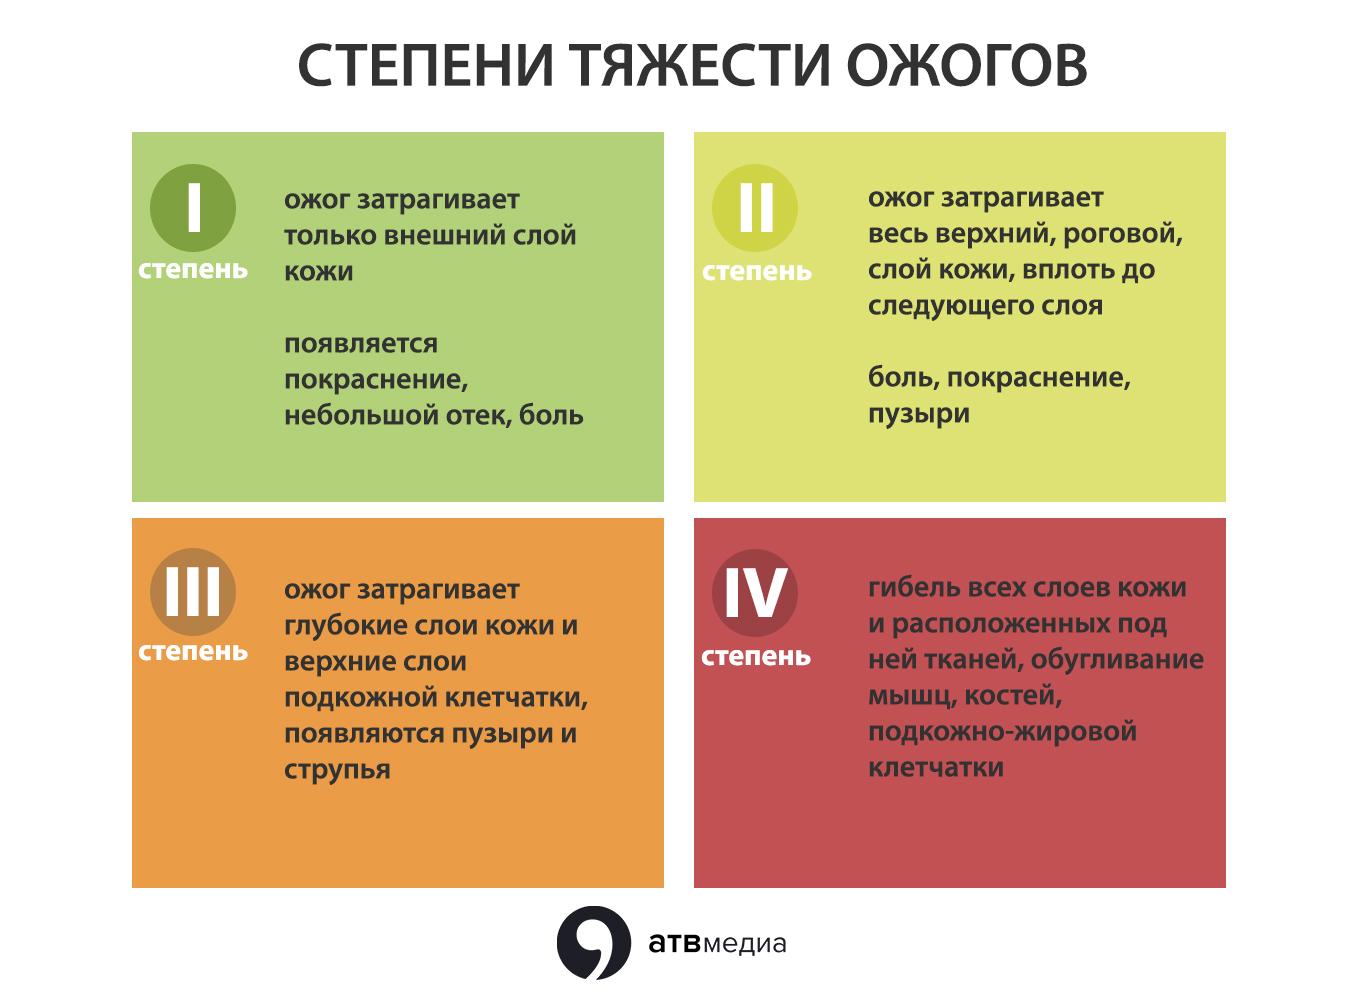 Солнечные ожоги: как не получить и как лечить › новости санкт-петербурга › mr-7.ru